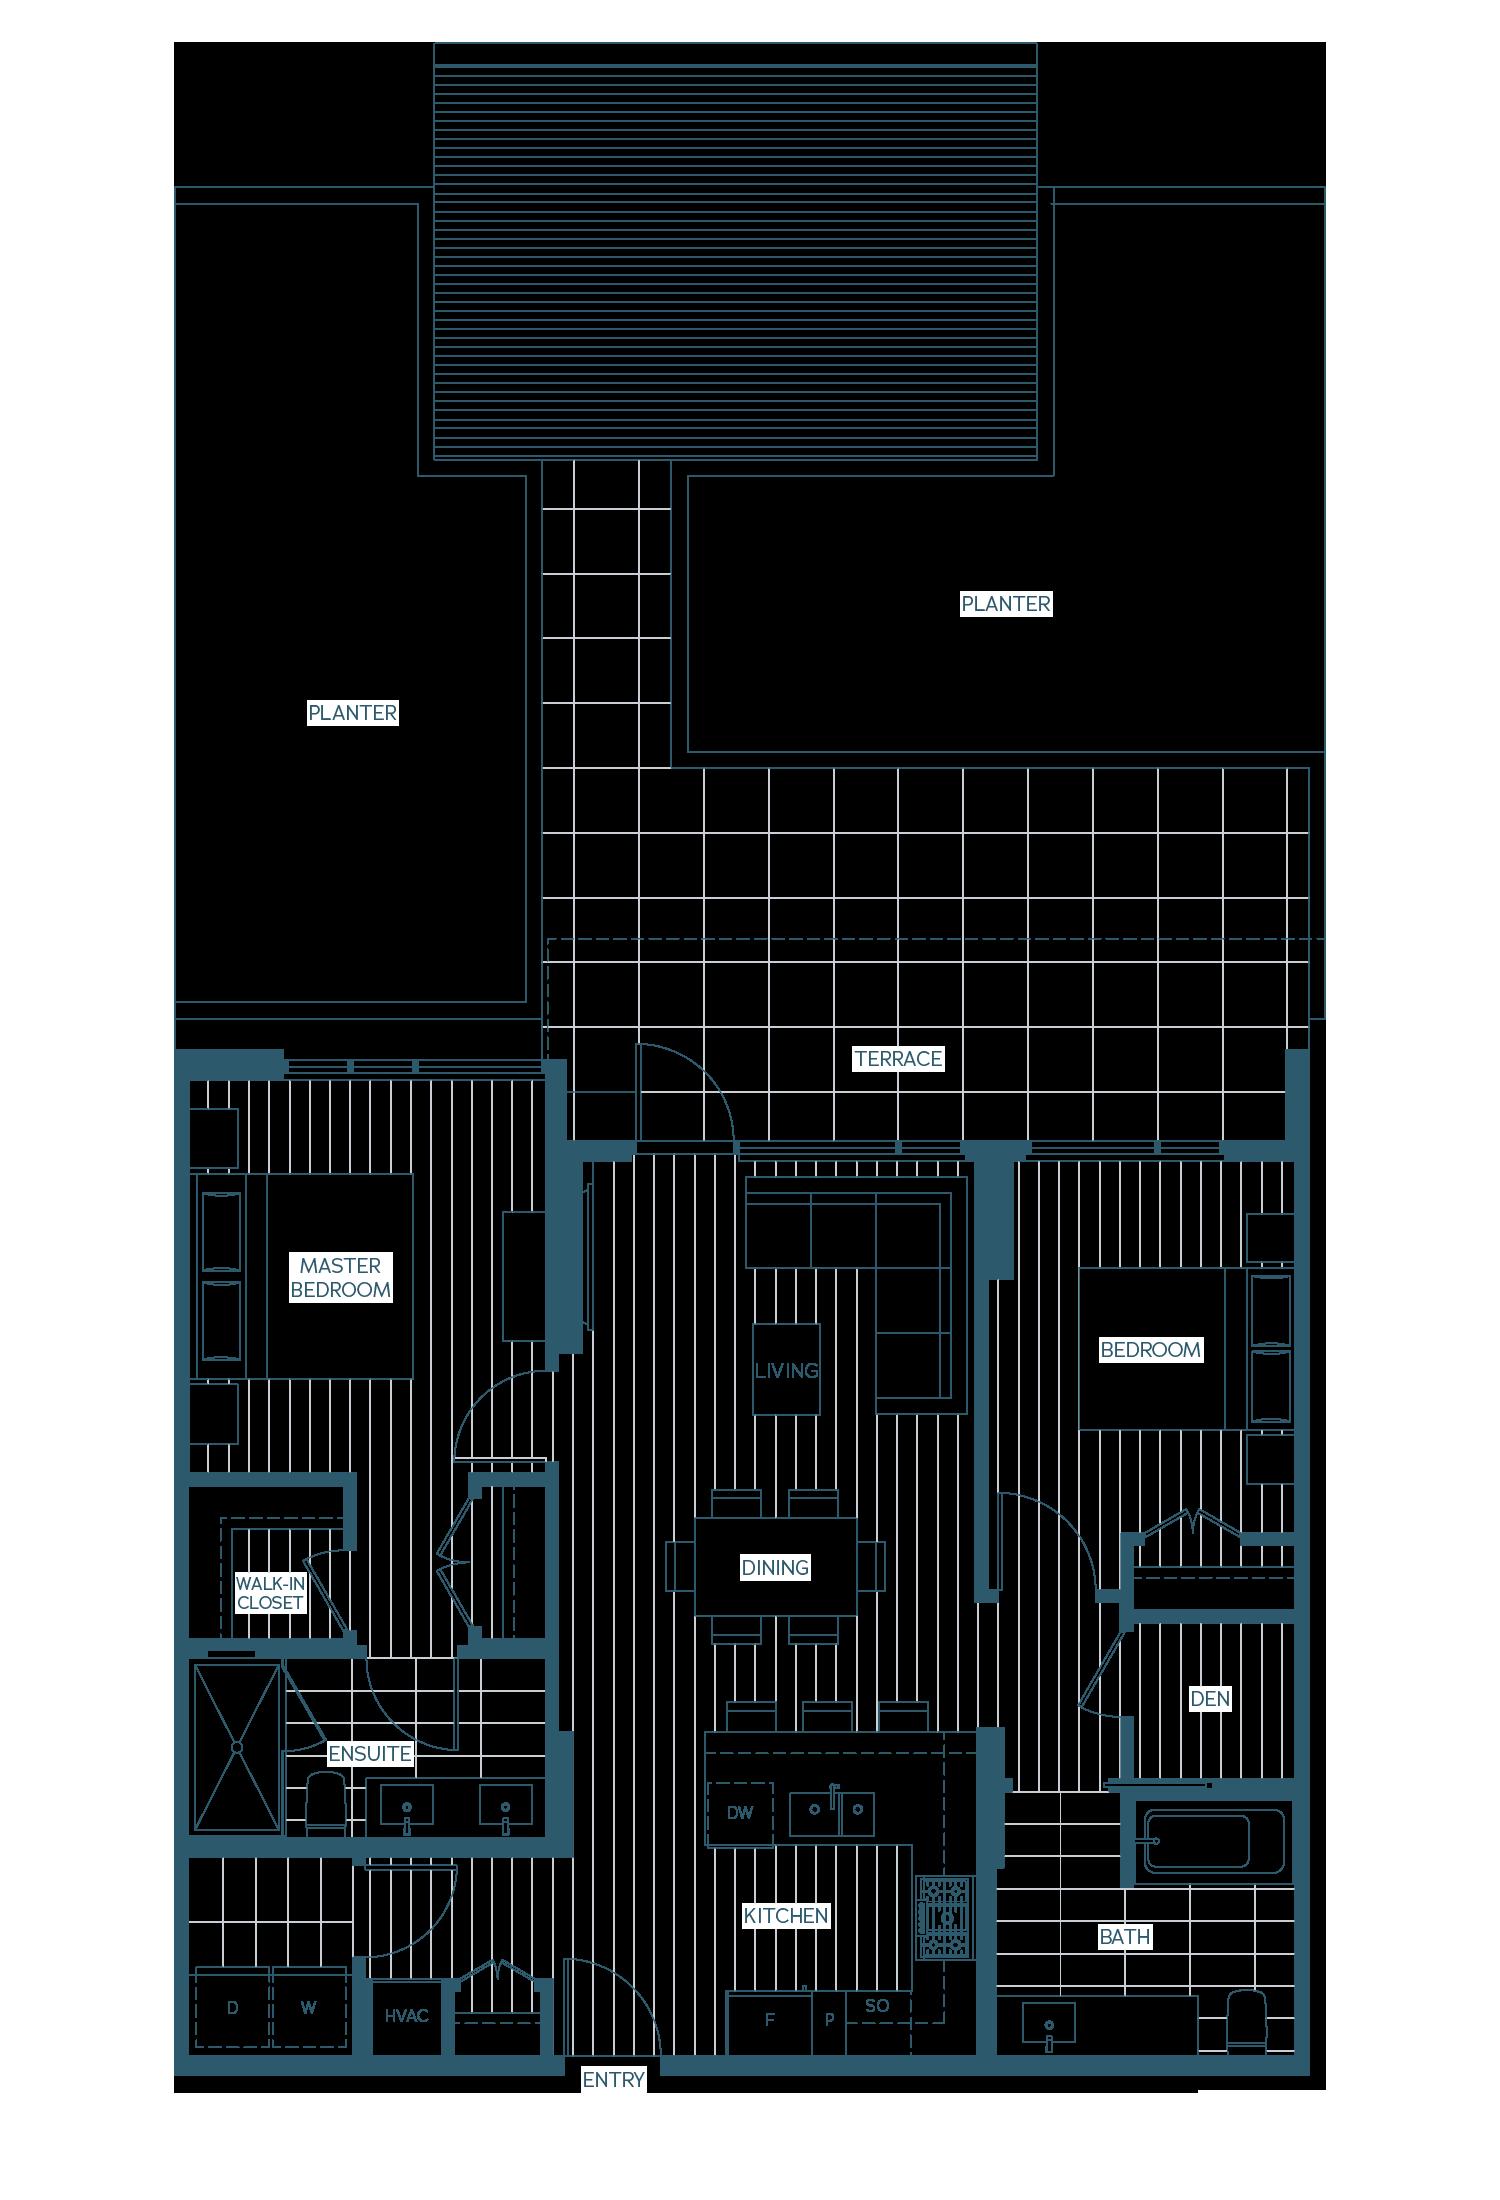 Plan Plan B2 (Level 2)